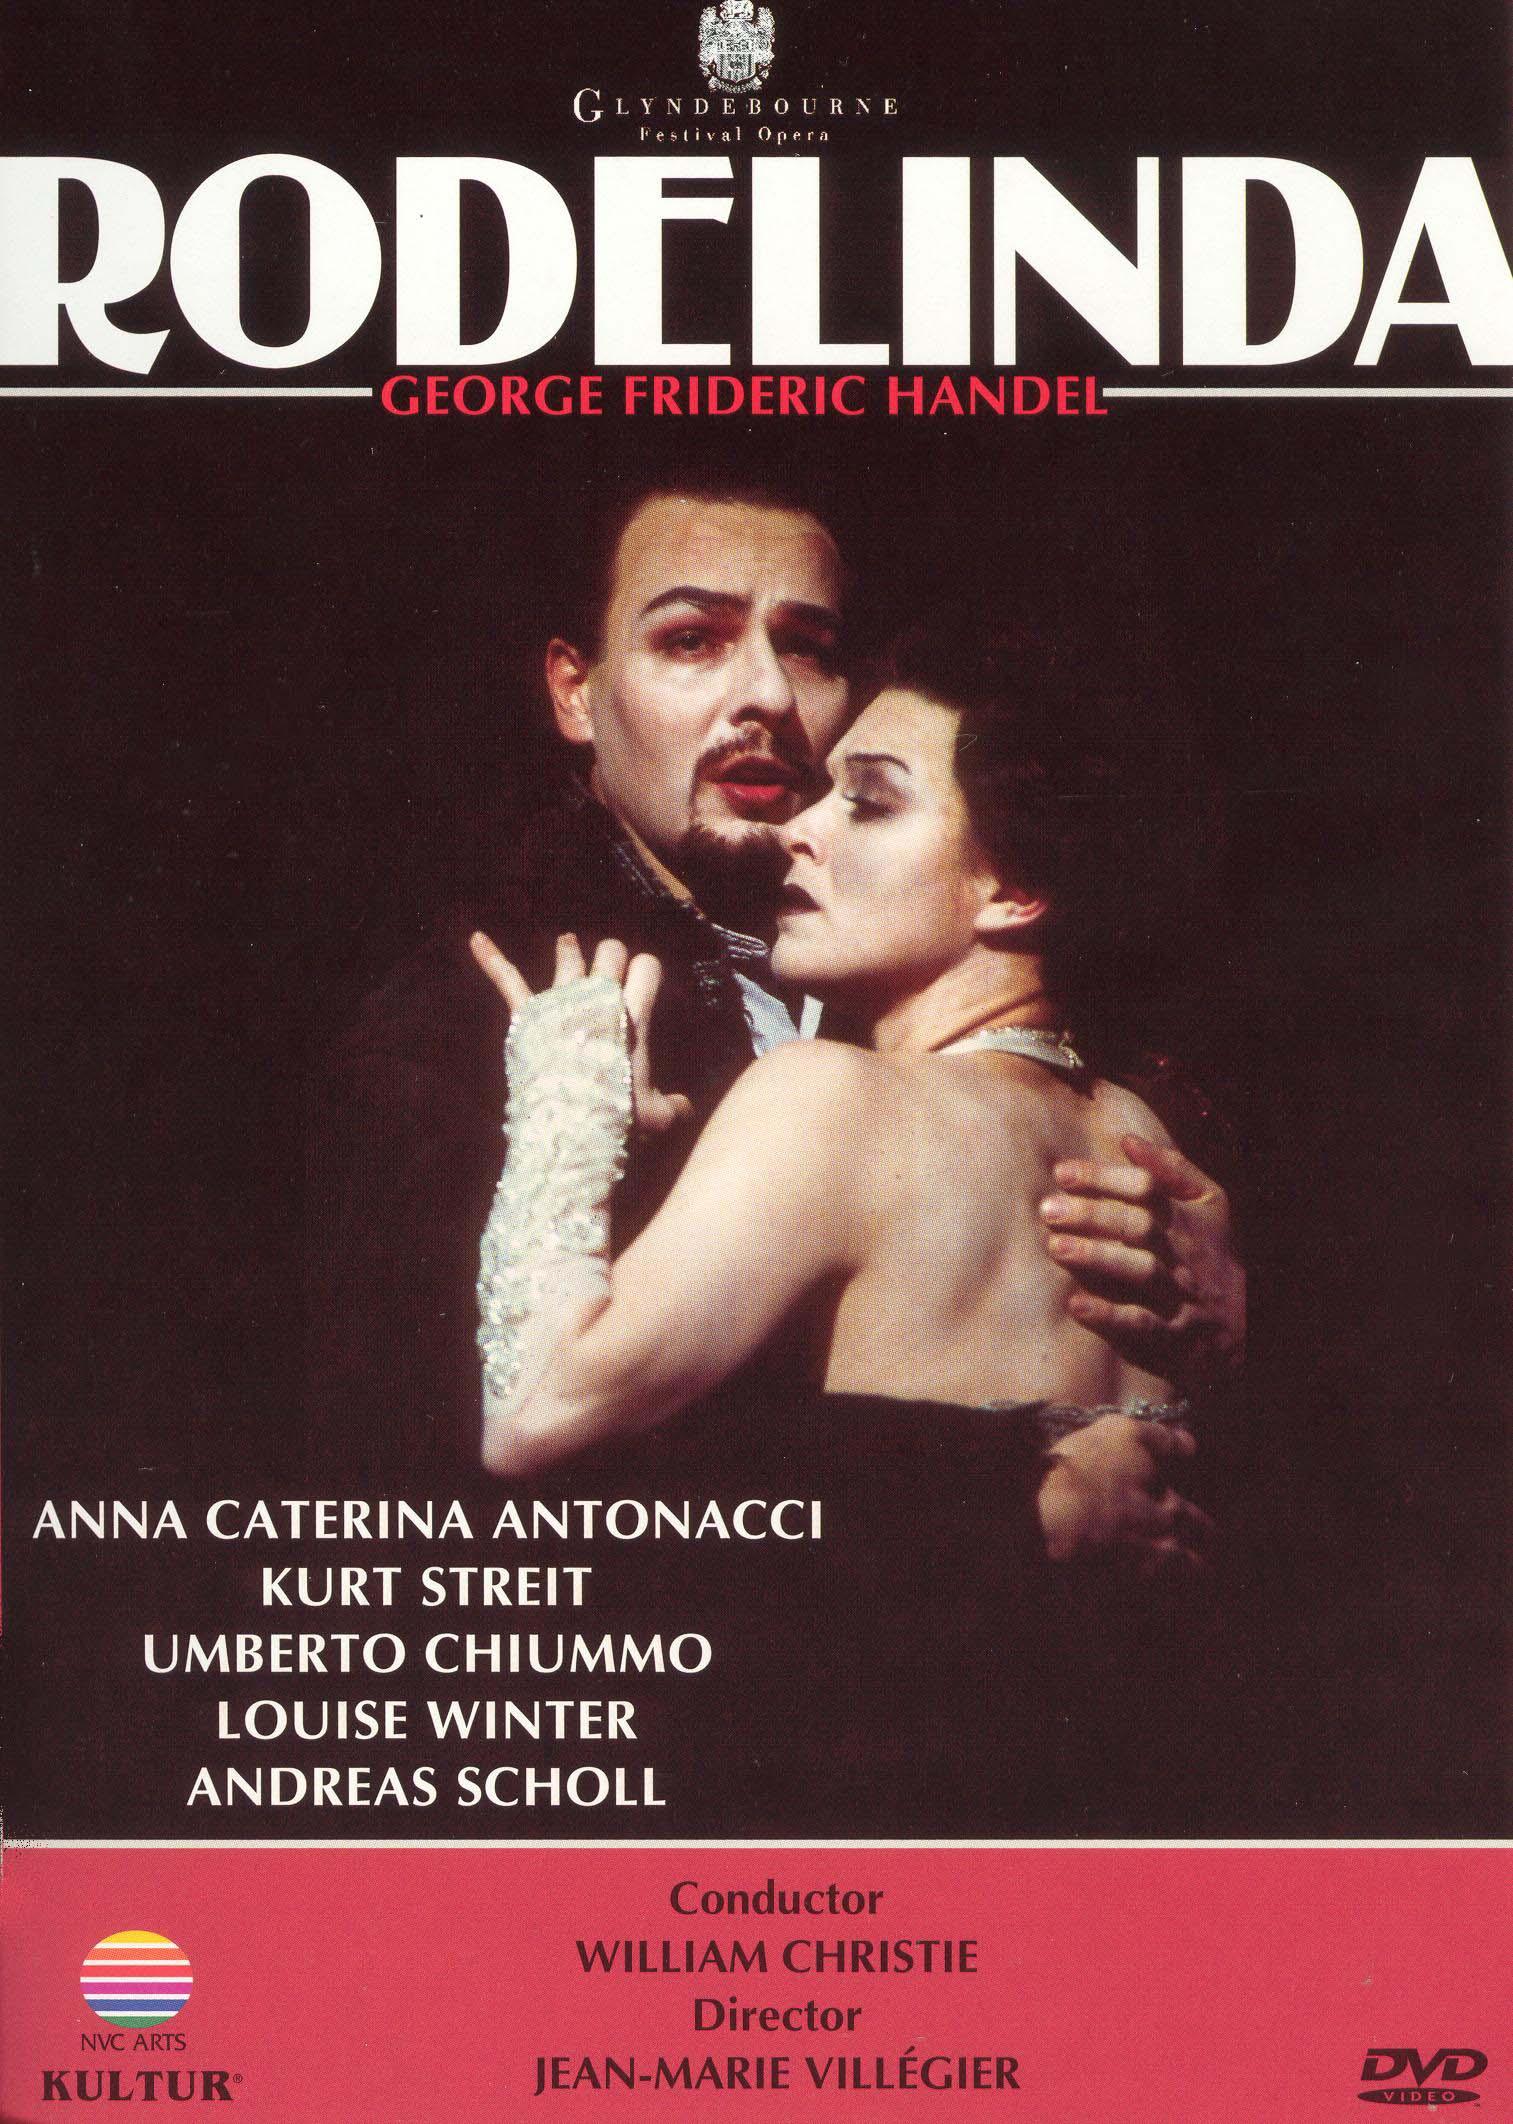 Rodelinda (Glyndebourne Opera)